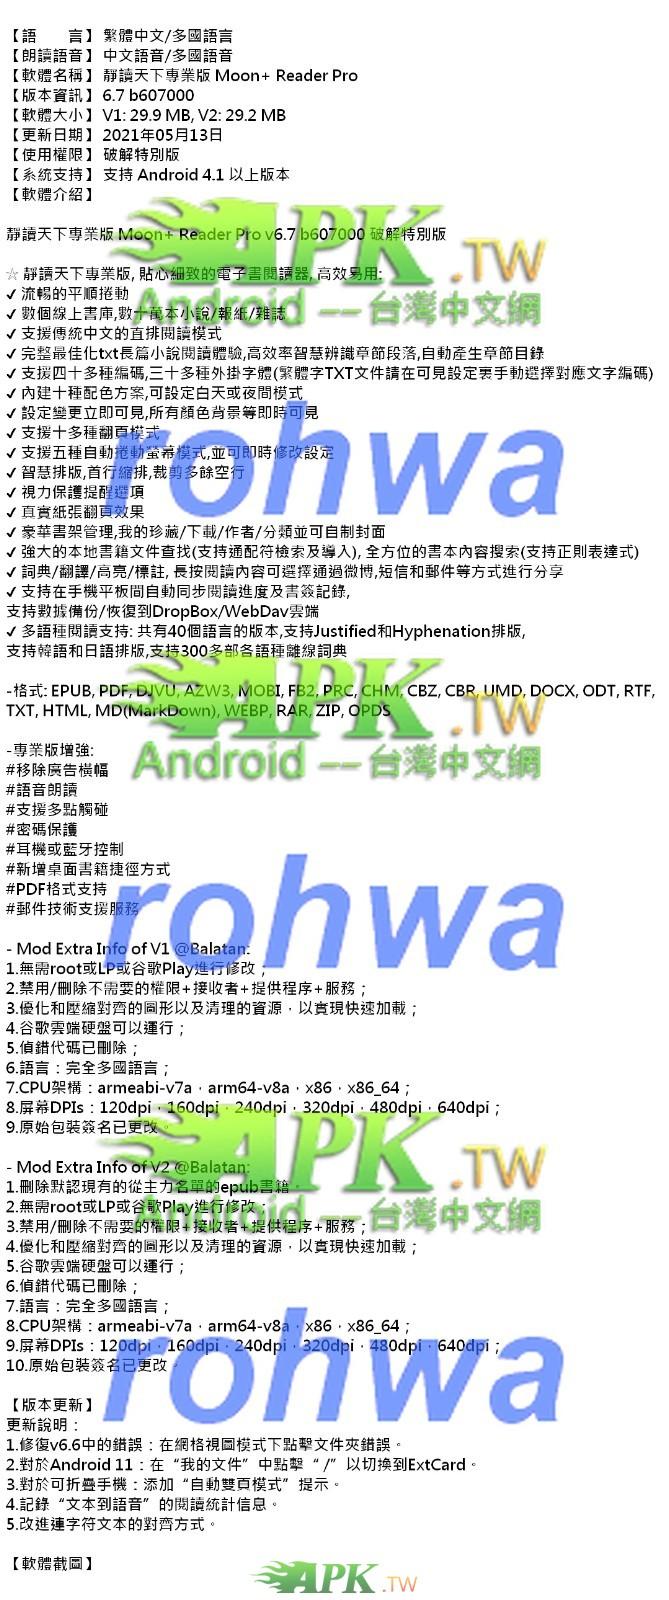 Moon_Reader_Pro_6.7_b607000_.jpg